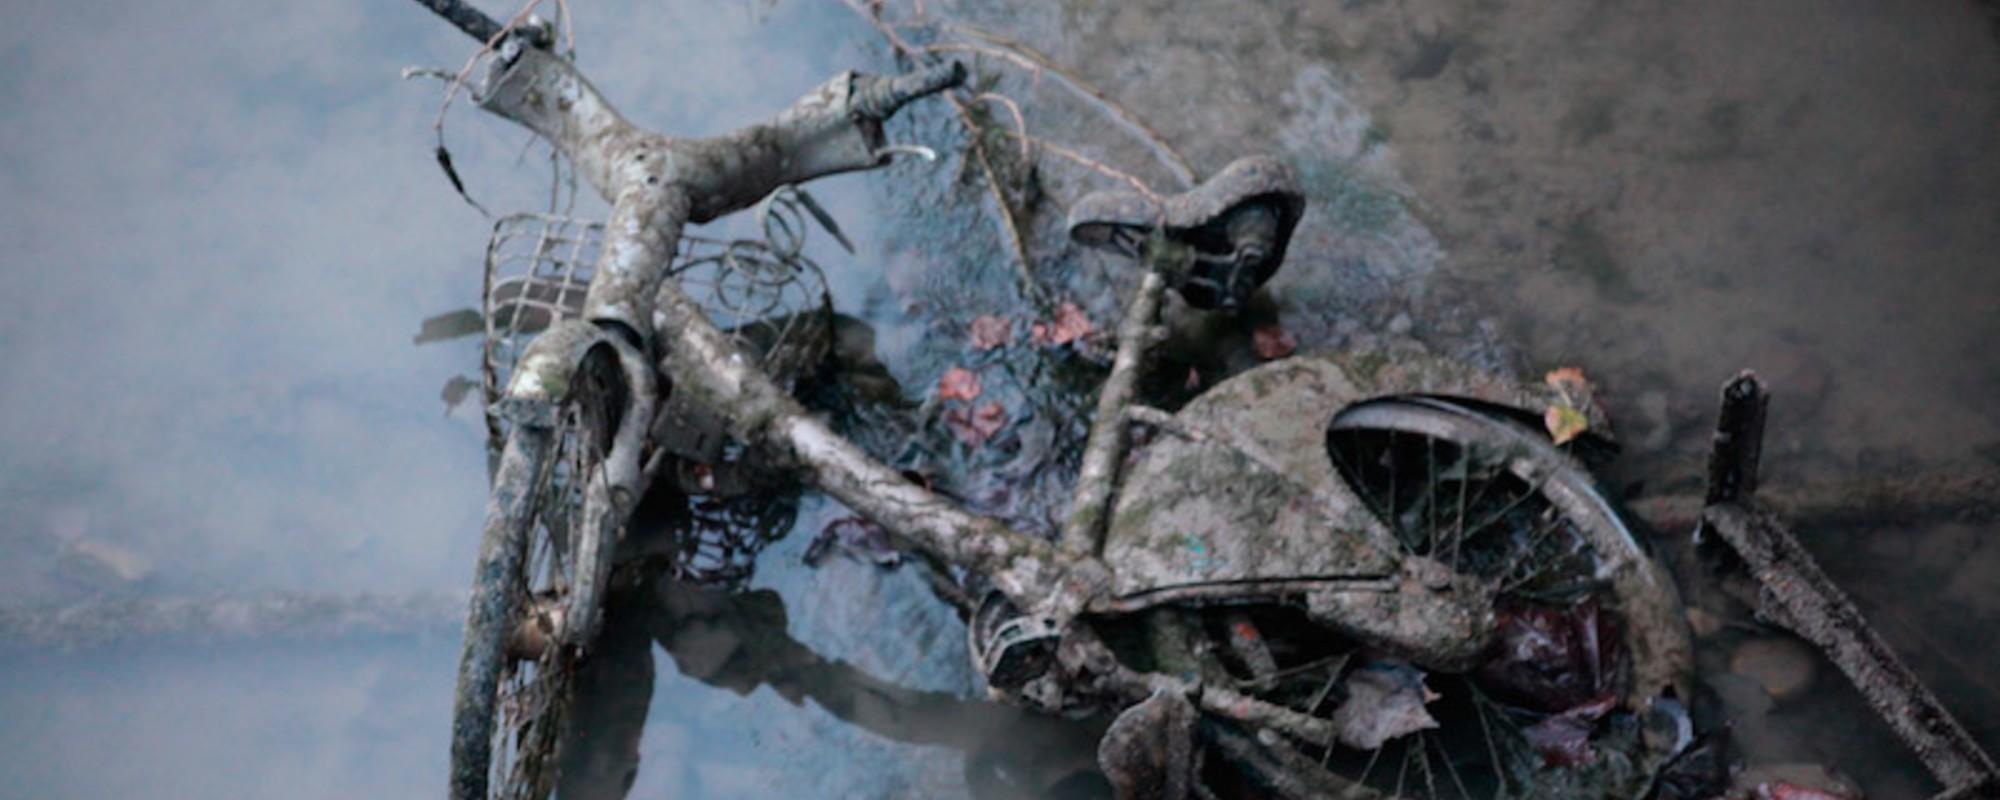 Fotos: Motos, una pistola y otras cosas encontradas al drenar el canal Saint-Matin de París